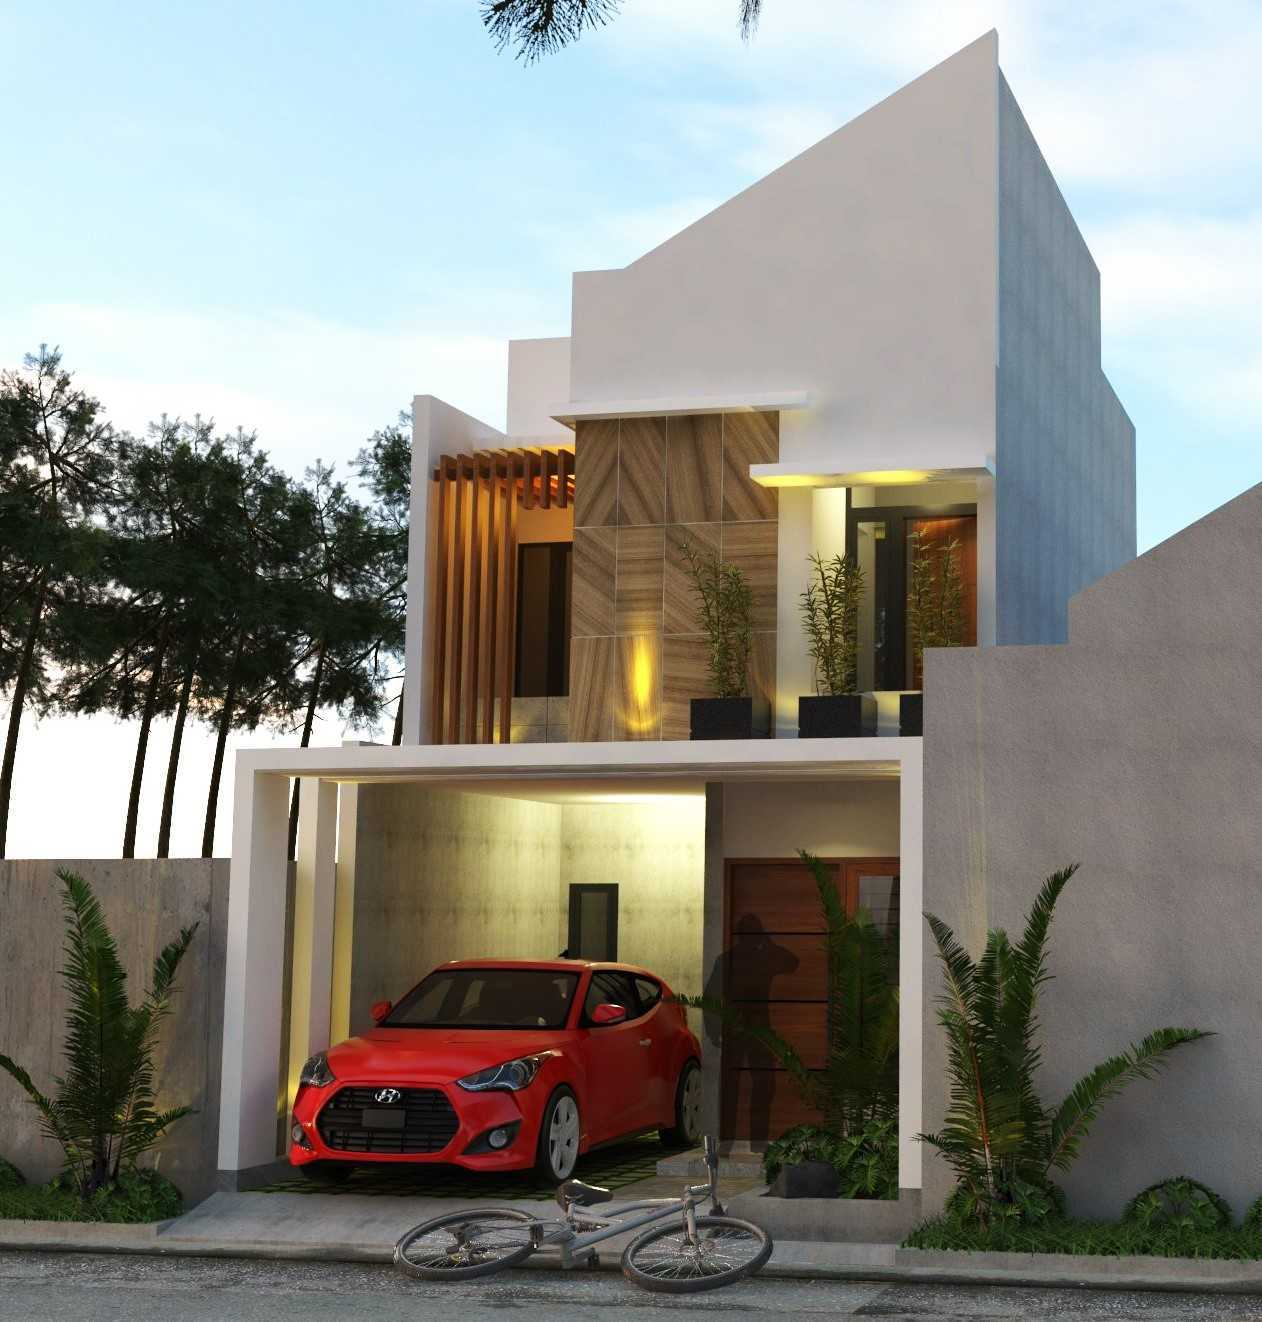 Rumah Gonilan karya freddy tahun 2017 (Sumber: arsitag.com)